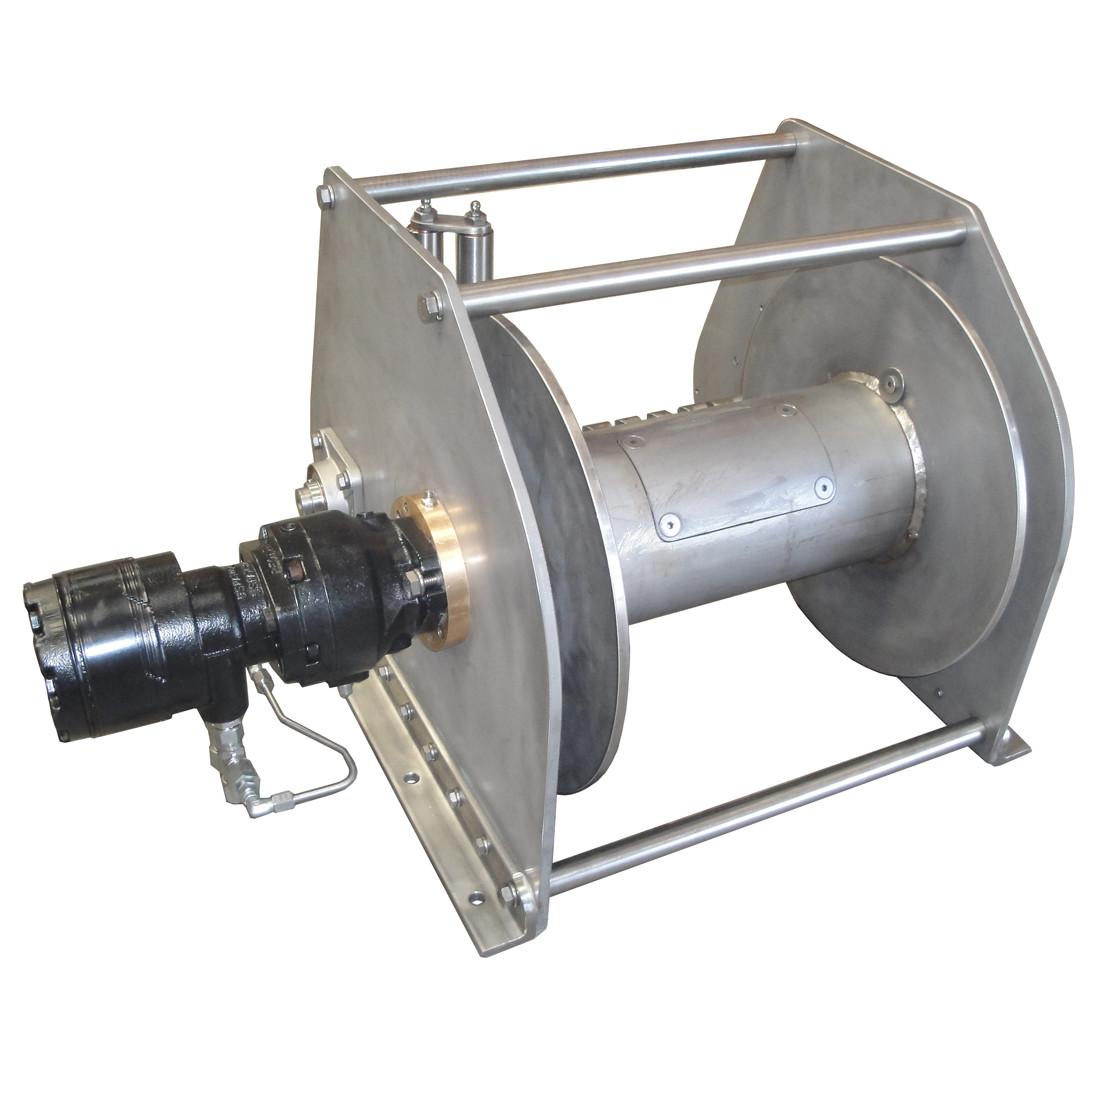 InMac-Kolstrand AKPW16D14 3W-DLW-BRAKE-RE21 Special Aluminum Winch with  Diamond Screw Level Wind